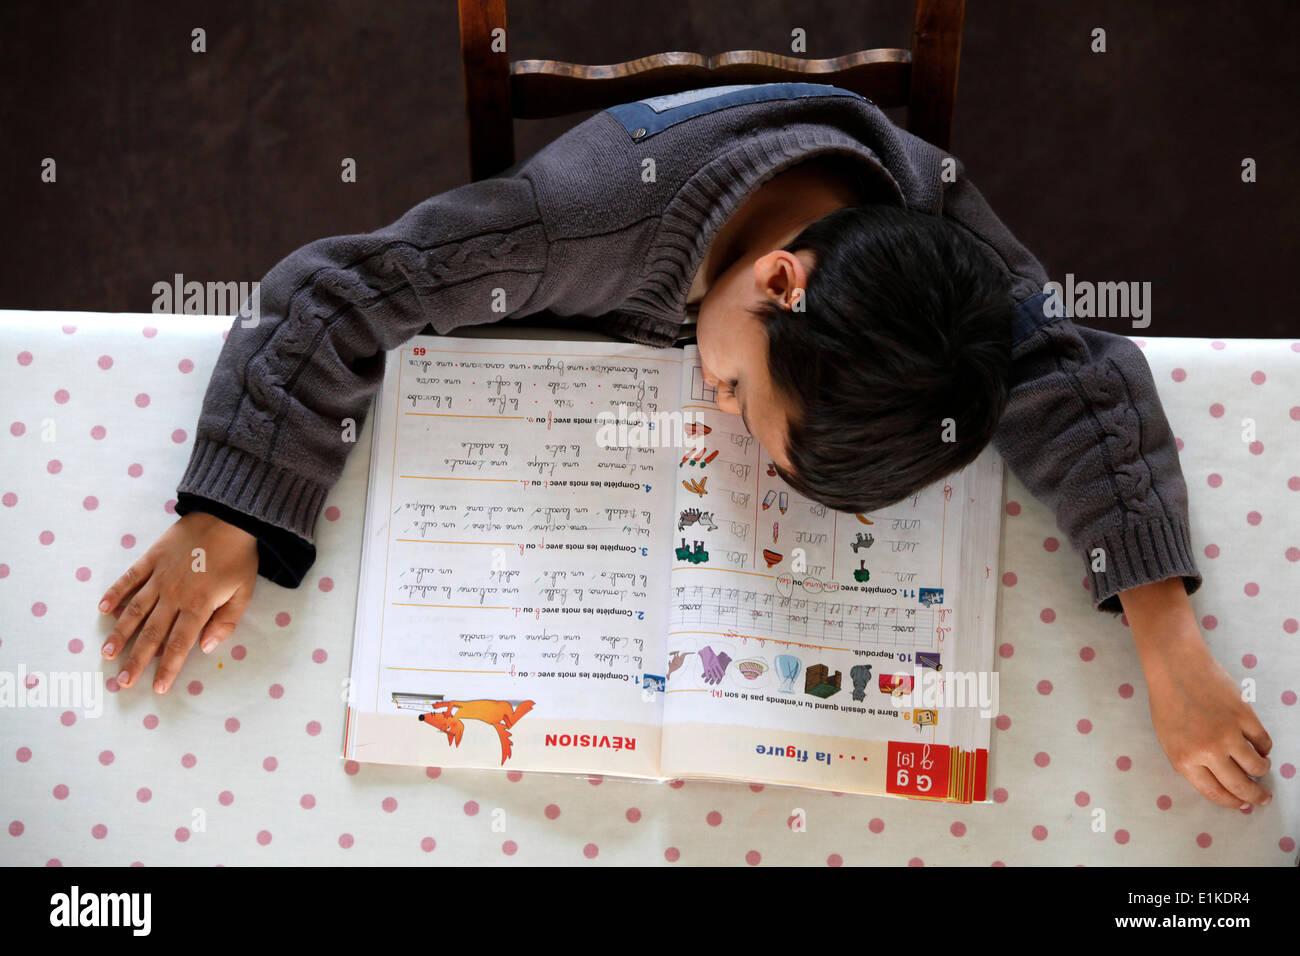 6-year-old boy sleeping on his schoolwork Stock Photo: 69884056 - Alamy